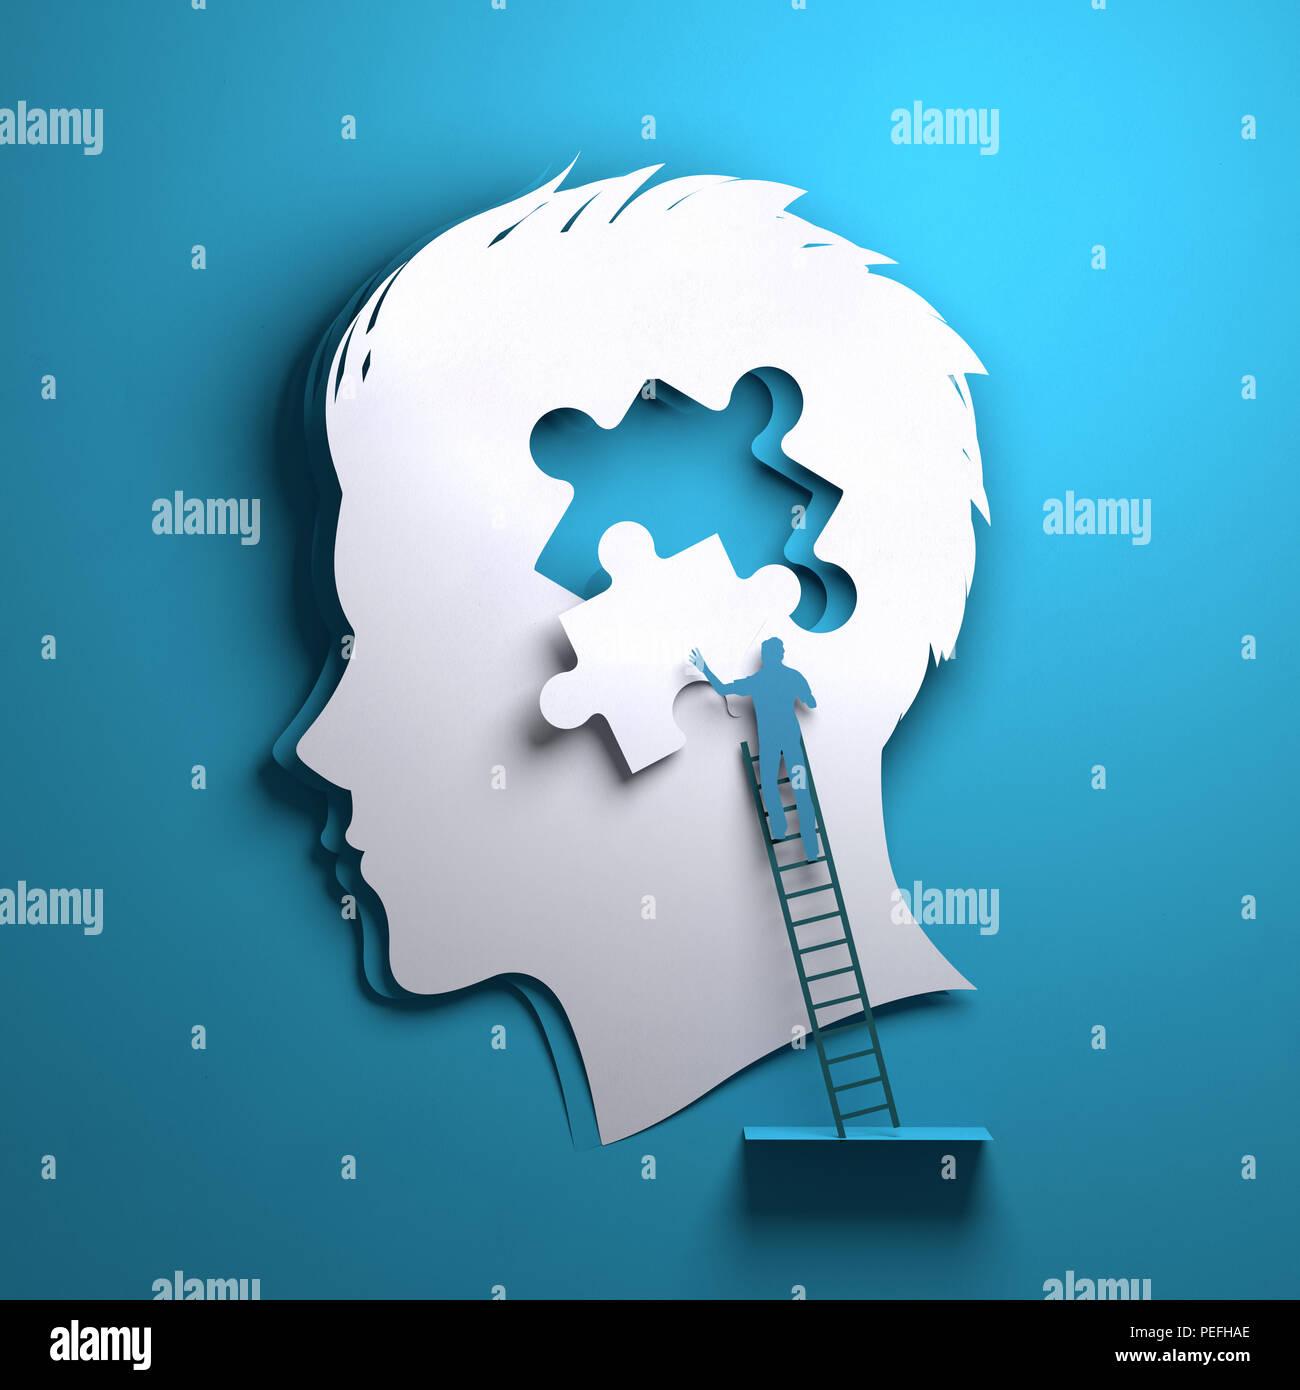 Gefaltetes Papier kunst Origami. Die Silhouette eines mans Kopf mit einer Person ein Puzzleteil. Konzeptionelle Vergegenwärtigung 3D-Abbildung. Stockbild